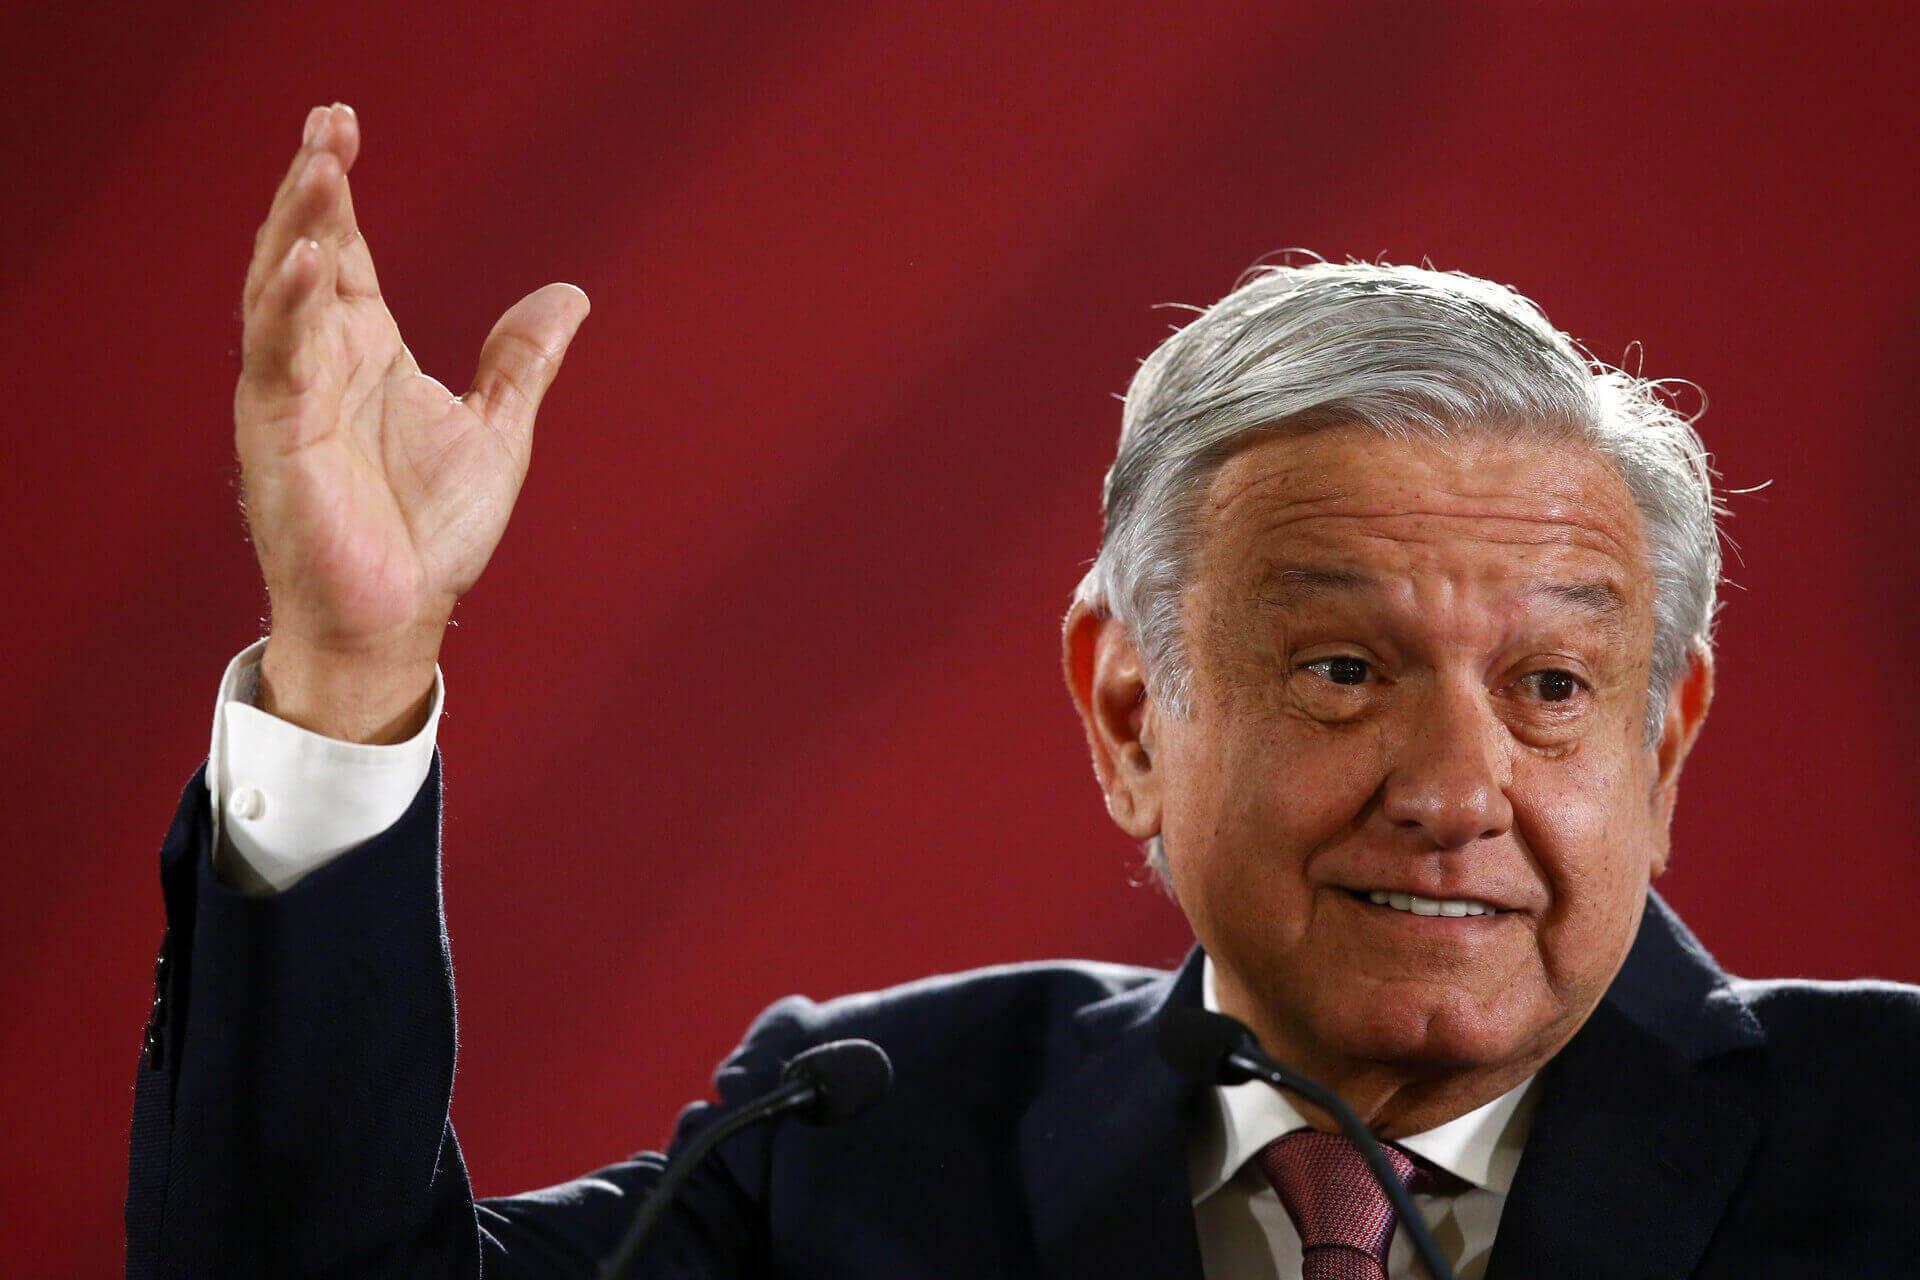 El presidente, Andrés Manuel López Obrador, no descartó que se lleve a cabo una consulta en torno al tema de la legalización de algunas drogas, sobre todo las que son utilizadas con propósitos médicos y curativos.